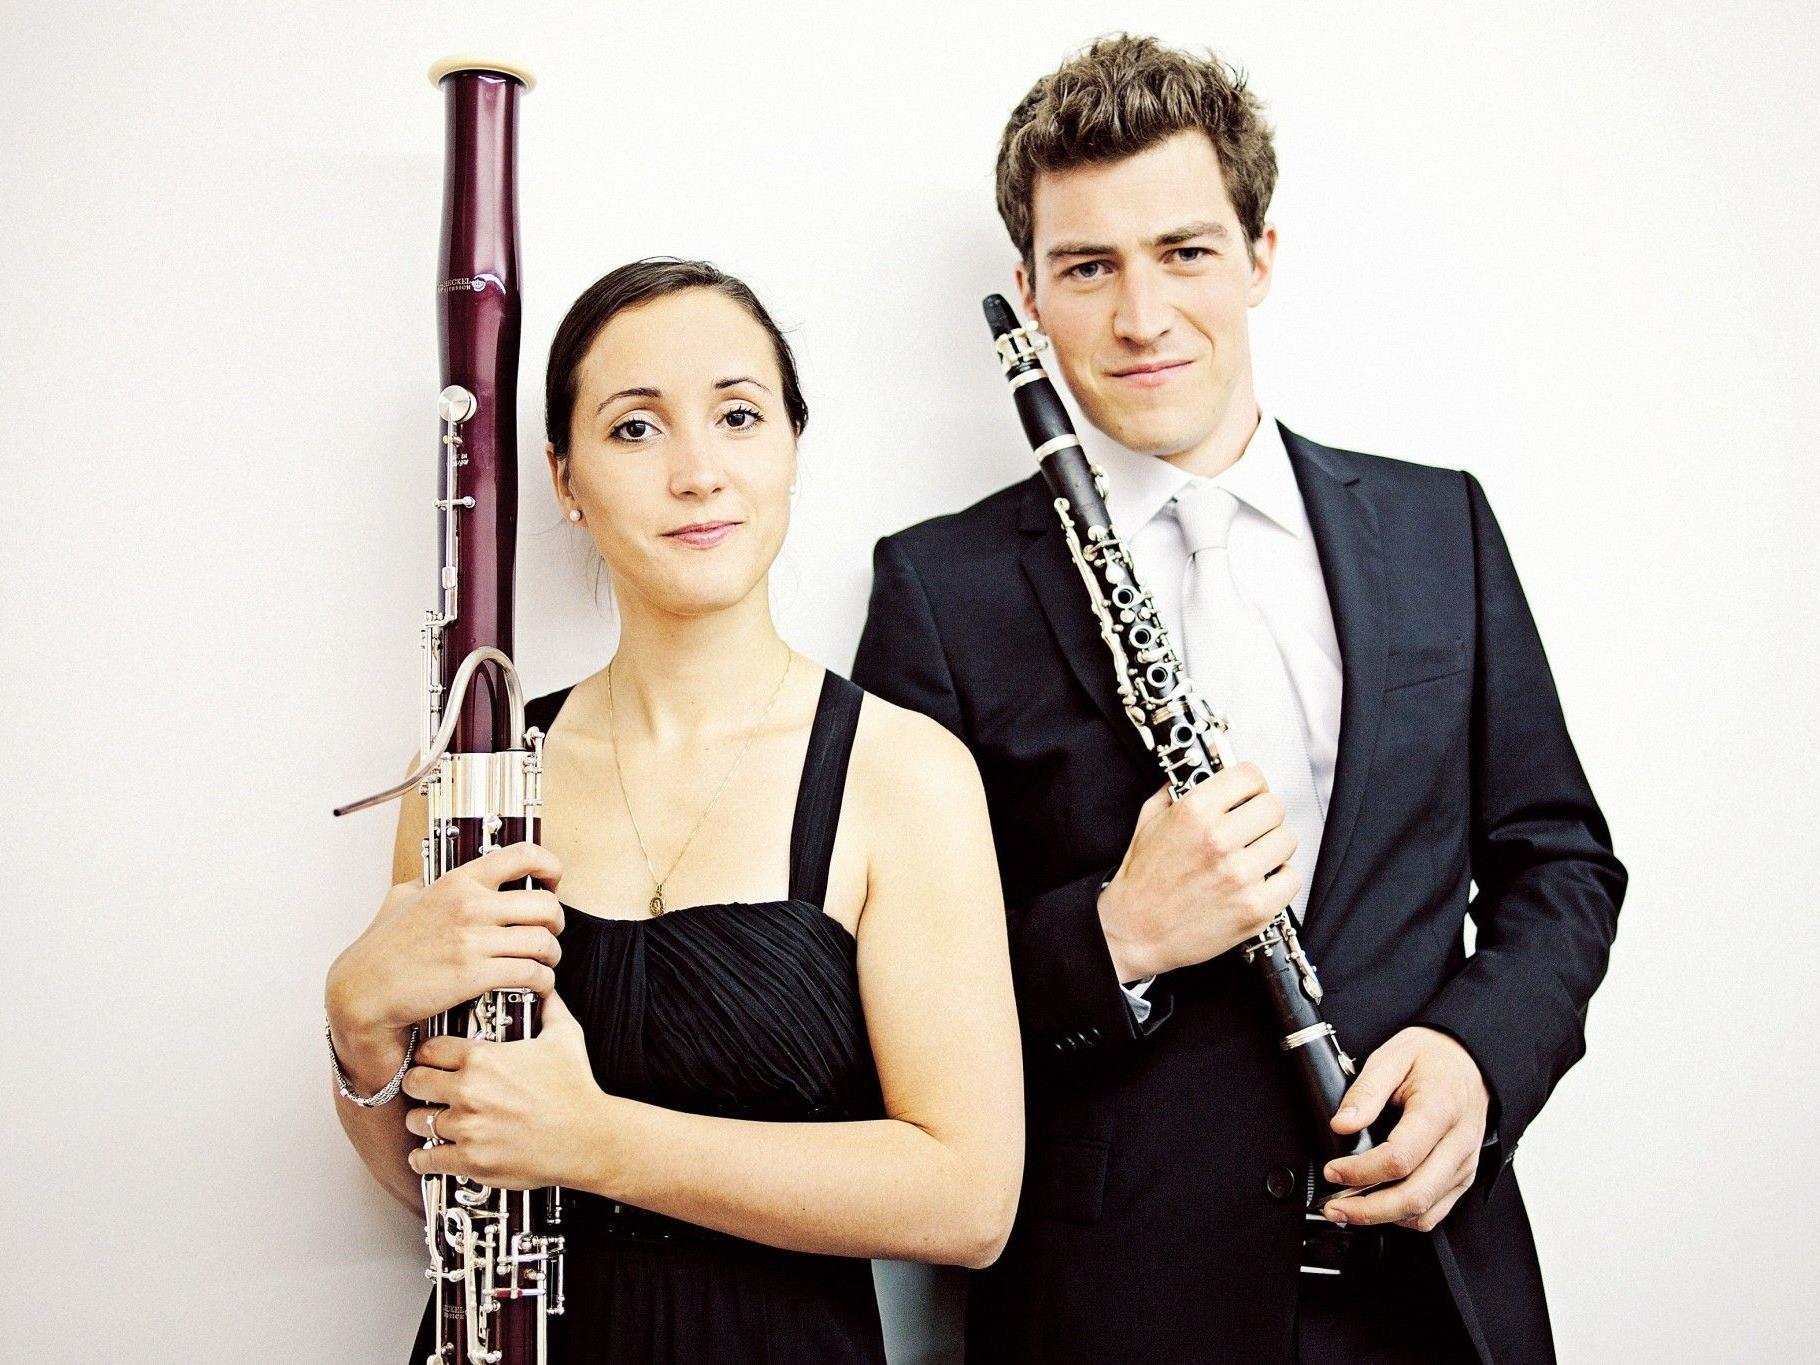 Mit Heidrun Wirth-Metzler und Alex Ladstätter sind im Jänner 2013 zwei Solisten aus den eigenen Reihen des Symphonieorchesters Vorarlberg zu hören. (Copyright: Markus Gmeiner)